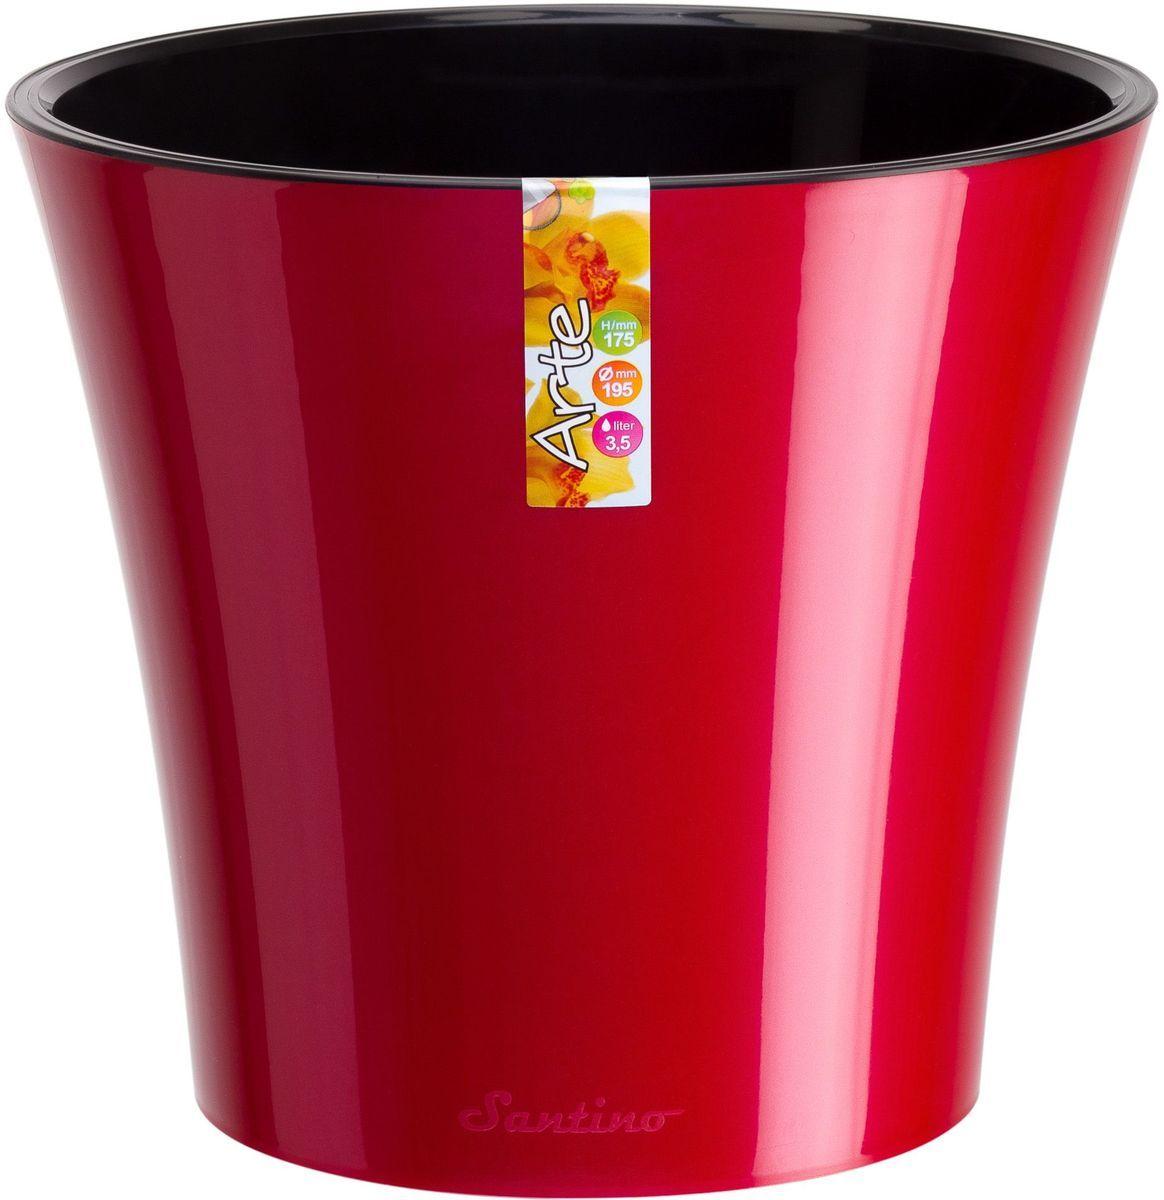 Горшок цветочный Santino Арте, двойной, с системой автополива, цвет: красный, черный, 2 лМЛ-ЦветыЛюбой, даже самый современный и продуманный интерьер будет незавершенным без растений. Они не только очищают воздух и насыщают его кислородом, но и украшают окружающее пространство. Такому полезному члену семьи просто необходим красивый и функциональный дом! Оптимальный выбор материала — пластмасса! Почему мы так считаем? Малый вес. С легкостью переносите горшки и кашпо с места на место, ставьте их на столики или полки, не беспокоясь о нагрузке. Простота ухода. Кашпо не нуждается в специальных условиях хранения. Его легко чистить — достаточно просто сполоснуть теплой водой. Никаких потертостей. Такие кашпо не царапают и не загрязняют поверхности, на которых стоят. Пластик дольше хранит влагу, а значит, растение реже нуждается в поливе. Пластмасса не пропускает воздух — корневой системе растения не грозят резкие перепады температур. Огромный выбор форм, декора и расцветок — вы без труда найдете что-то, что идеально впишется в уже существующий интерьер. Соблюдая нехитрые правила ухода, вы можете заметно продлить срок службы горшков и кашпо из пластика: всегда учитывайте размер кроны и корневой системы (при разрастании большое растение способно повредить маленький горшок) берегите изделие от воздействия прямых солнечных лучей, чтобы горшки не выцветали держите кашпо из пластика подальше от нагревающихся поверхностей. Создавайте прекрасные цветочные композиции, выращивайте рассаду или необычные растения.